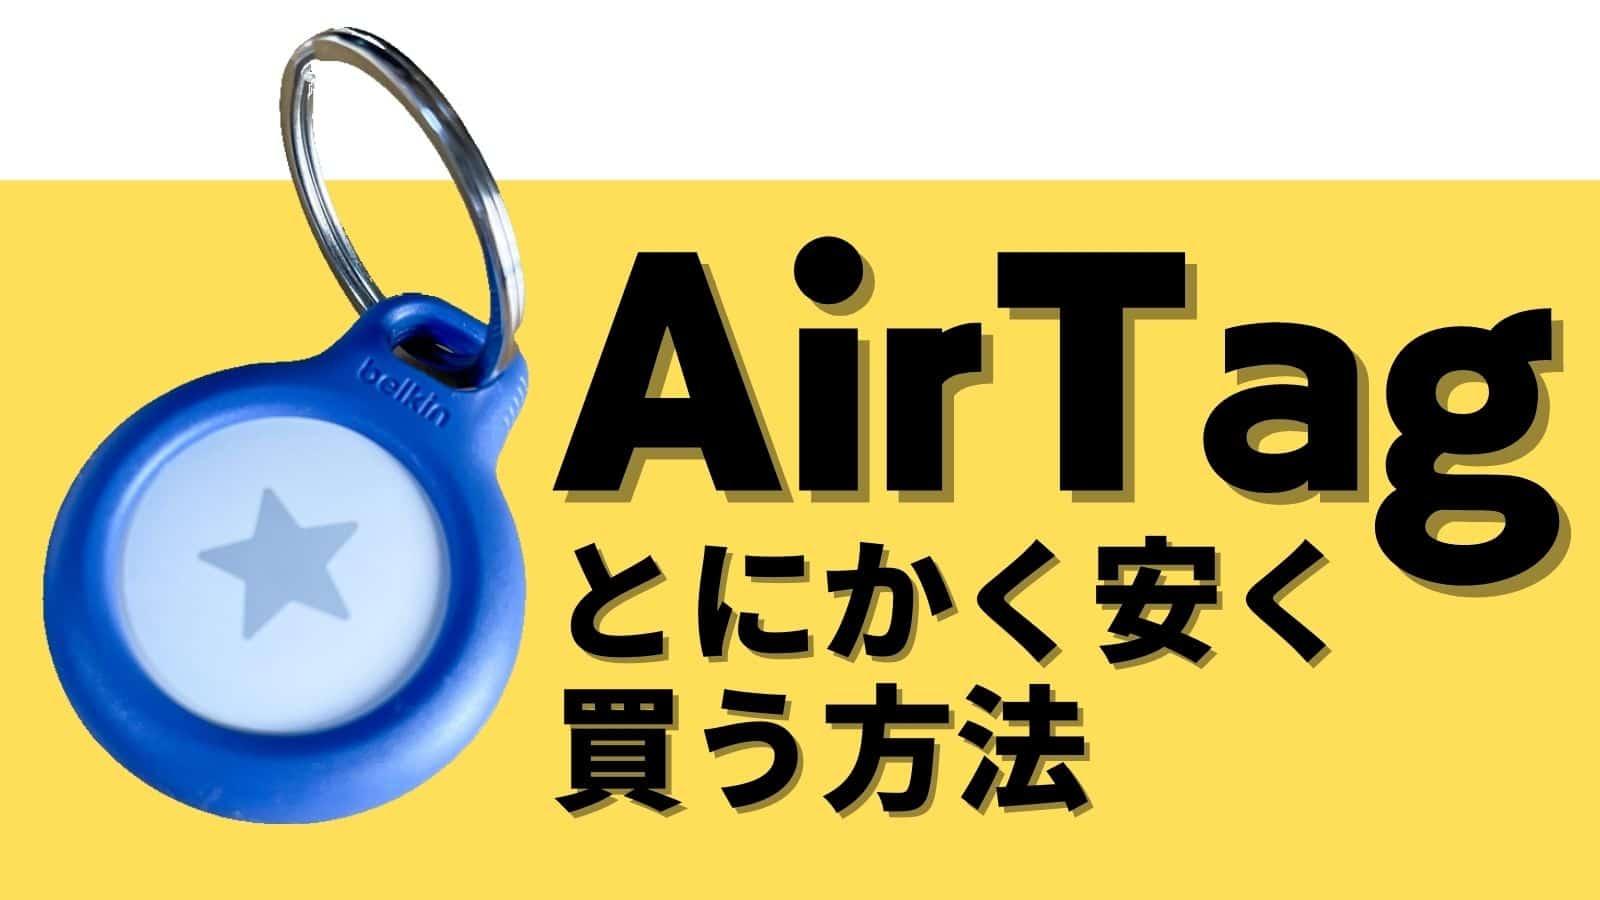 AirTagをとにかく安く買う方法 サムネイル